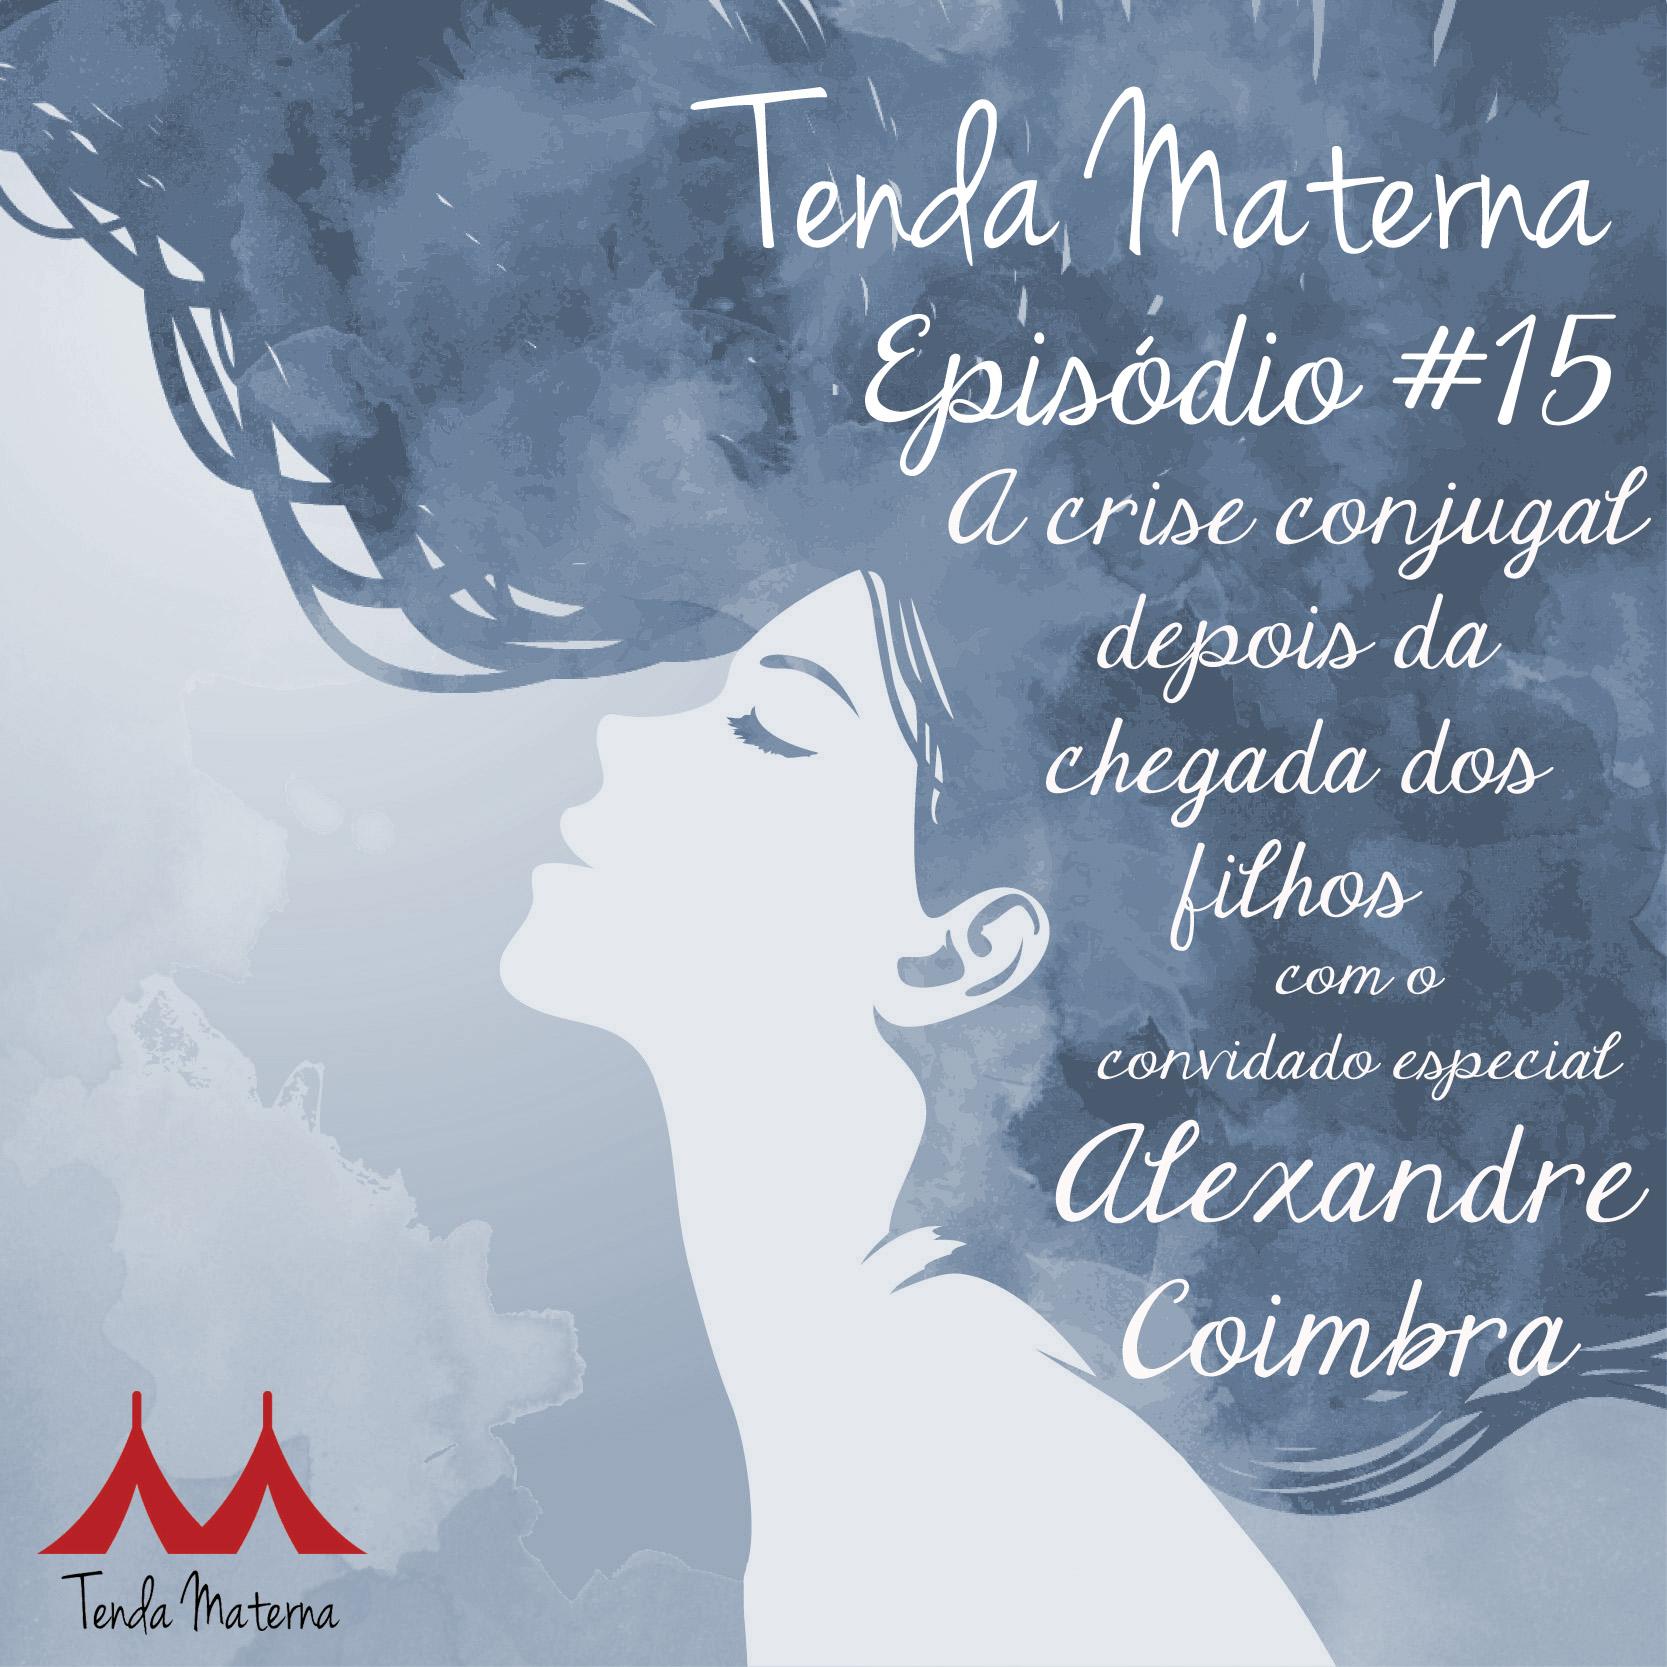 Podcast Tenda Materna #15: Crise Conjugal depois da Chegada dos Filhos